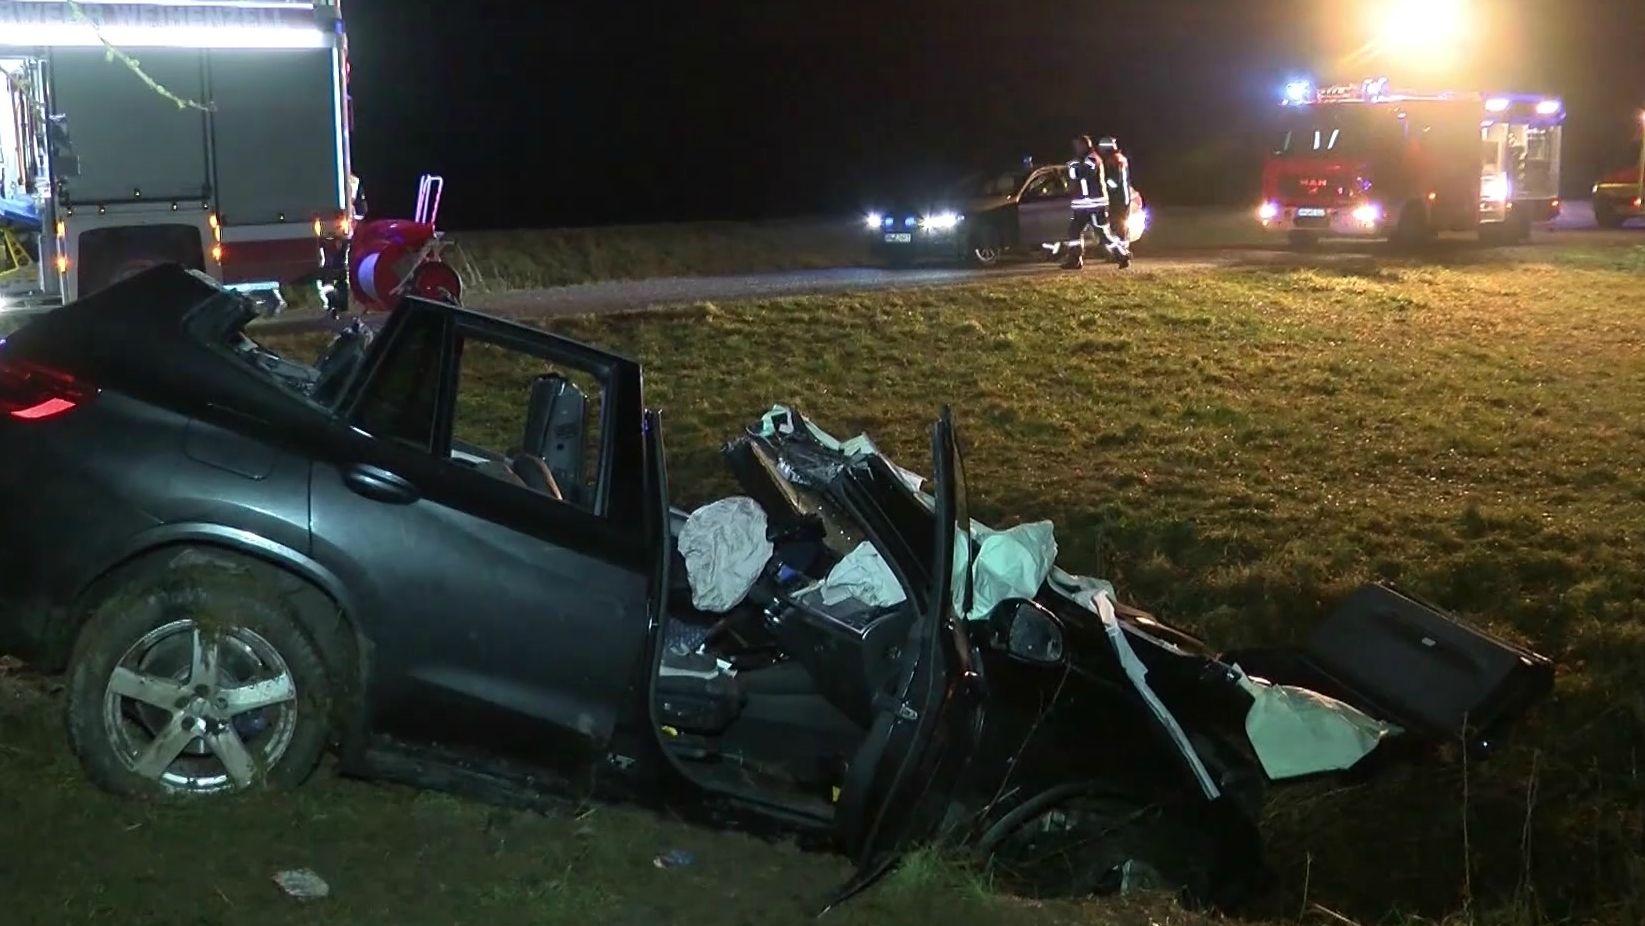 Ein Autofahrer ist am Dienstagabend bei einem Unfall zwischen Wippendorf und Weihenzell im Landkreis Ansbach schwer verletzt worden. Laut Polizei war kein anderer Verkehrsteilnehmer beteiligt, als der Mann von der Straße abkam.